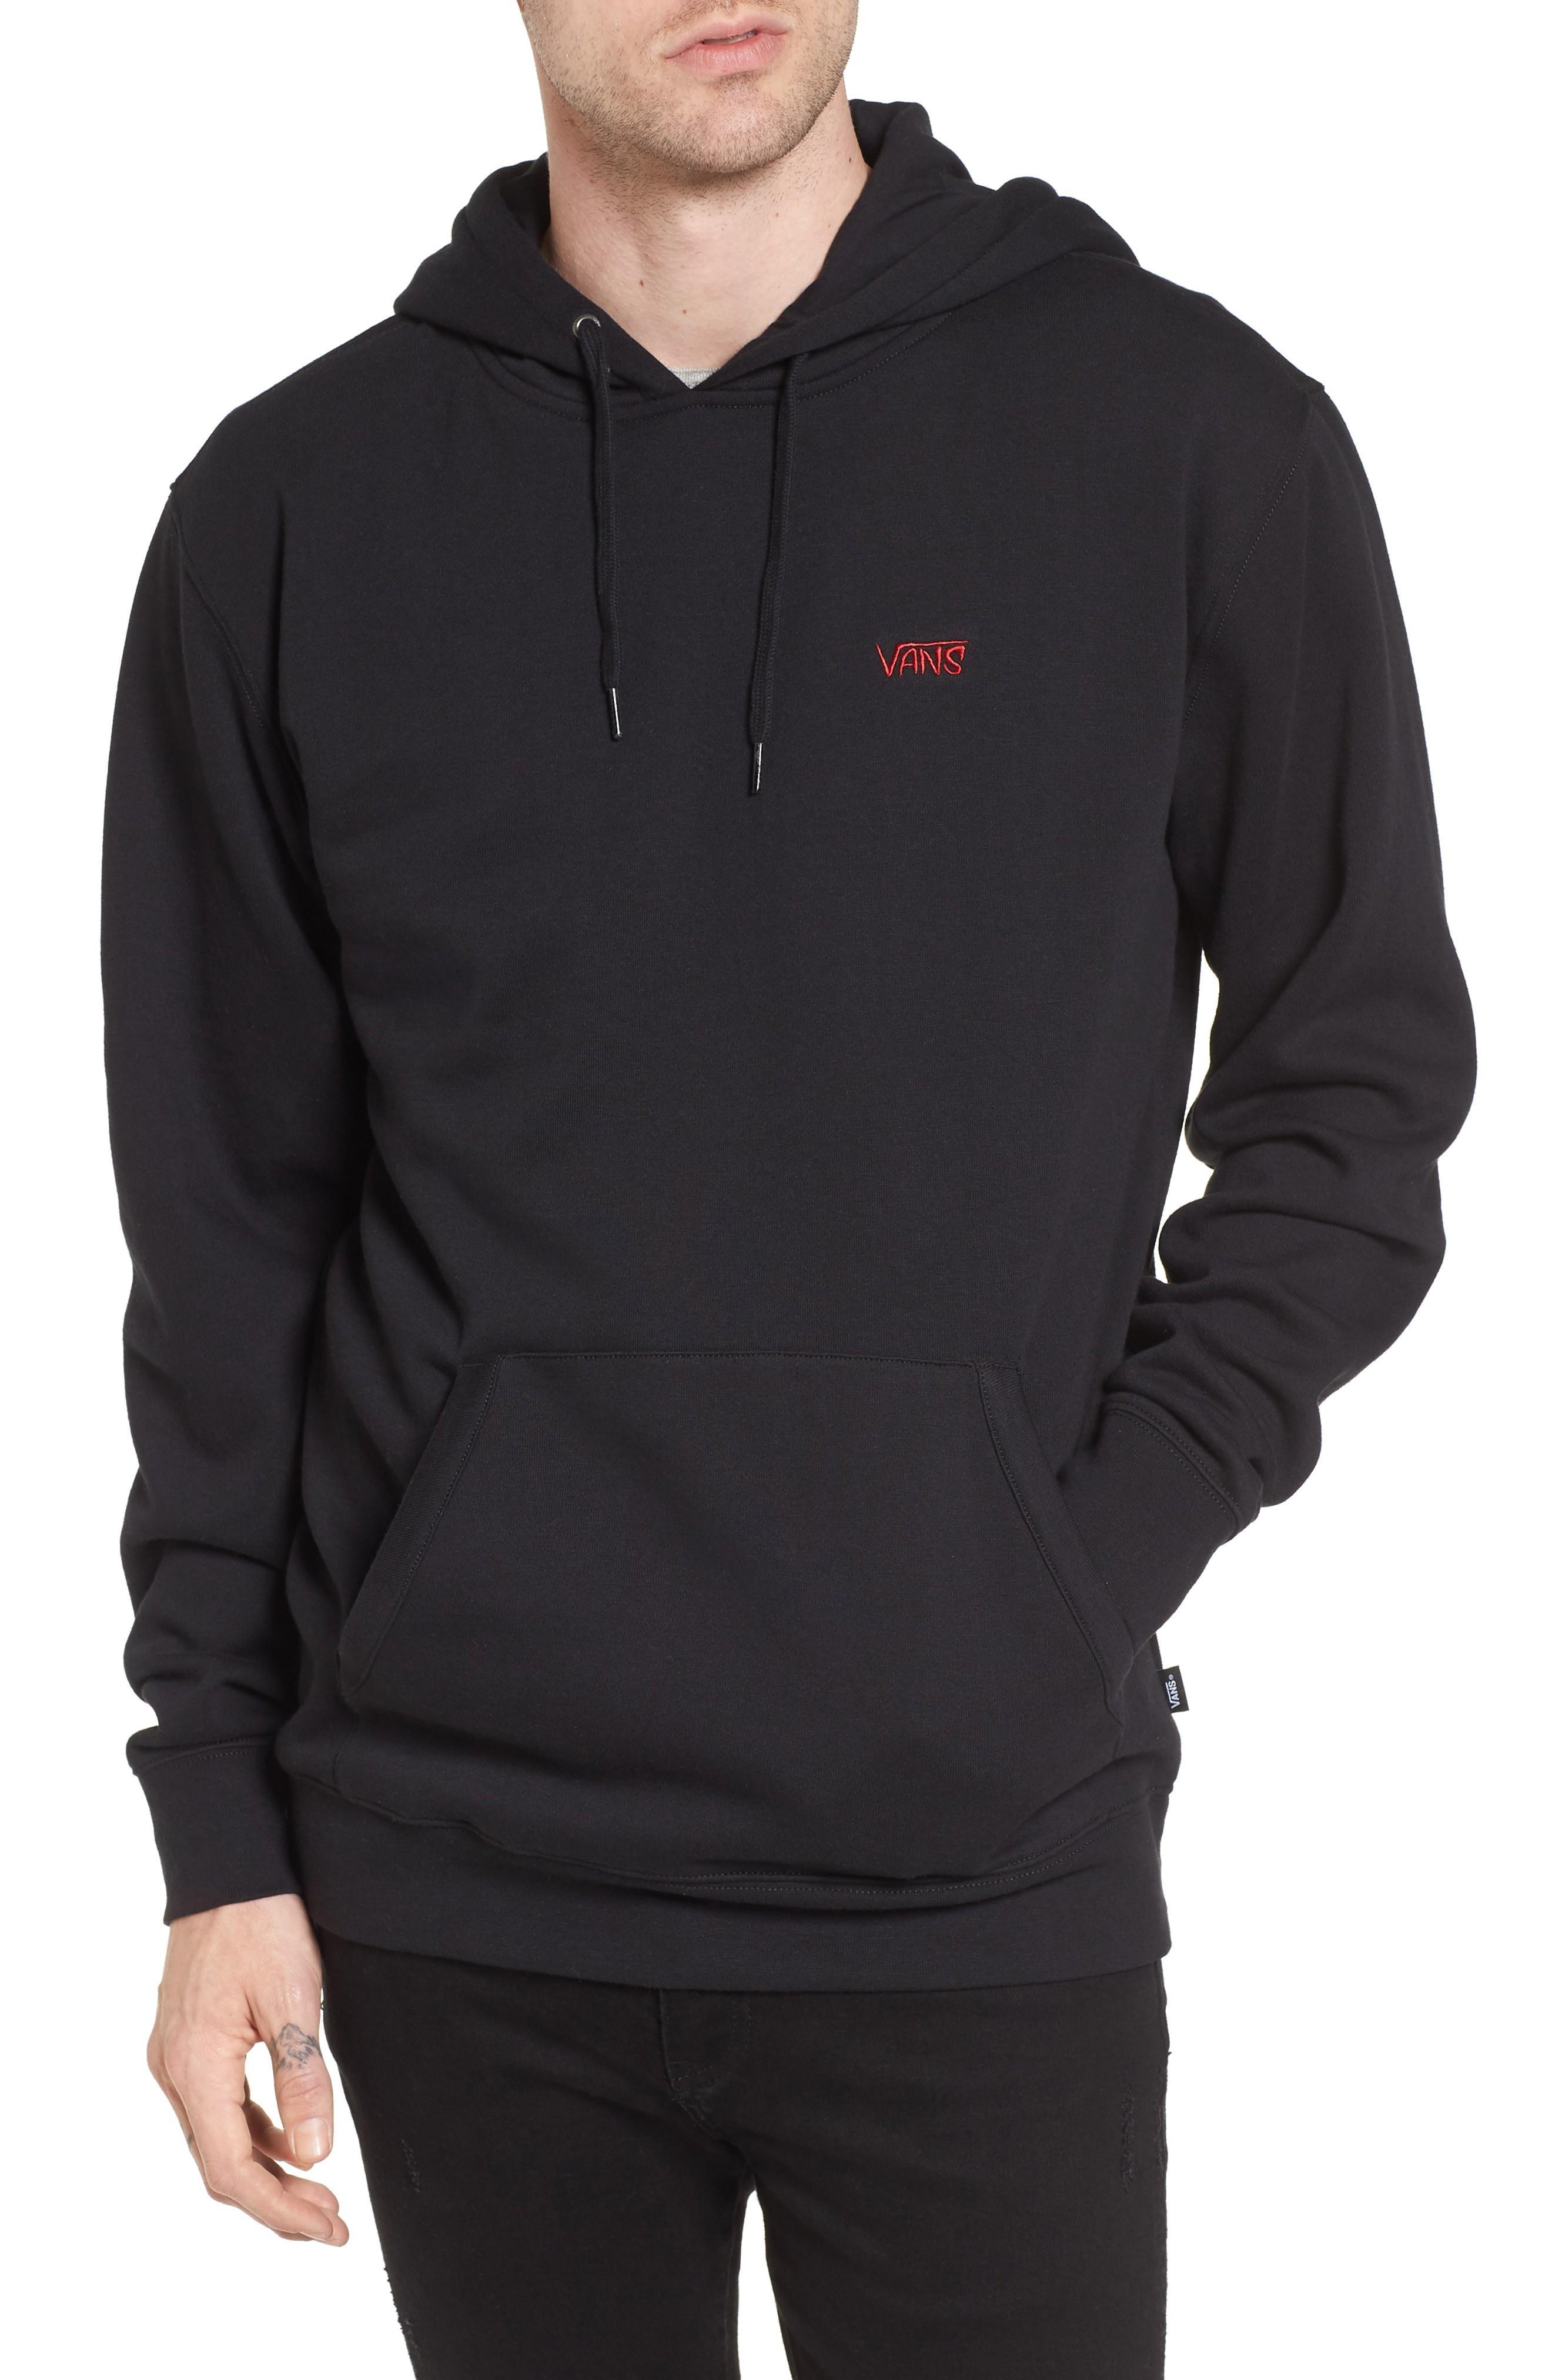 Vans Sketch Tape Hoodie Sweatshirt In Black